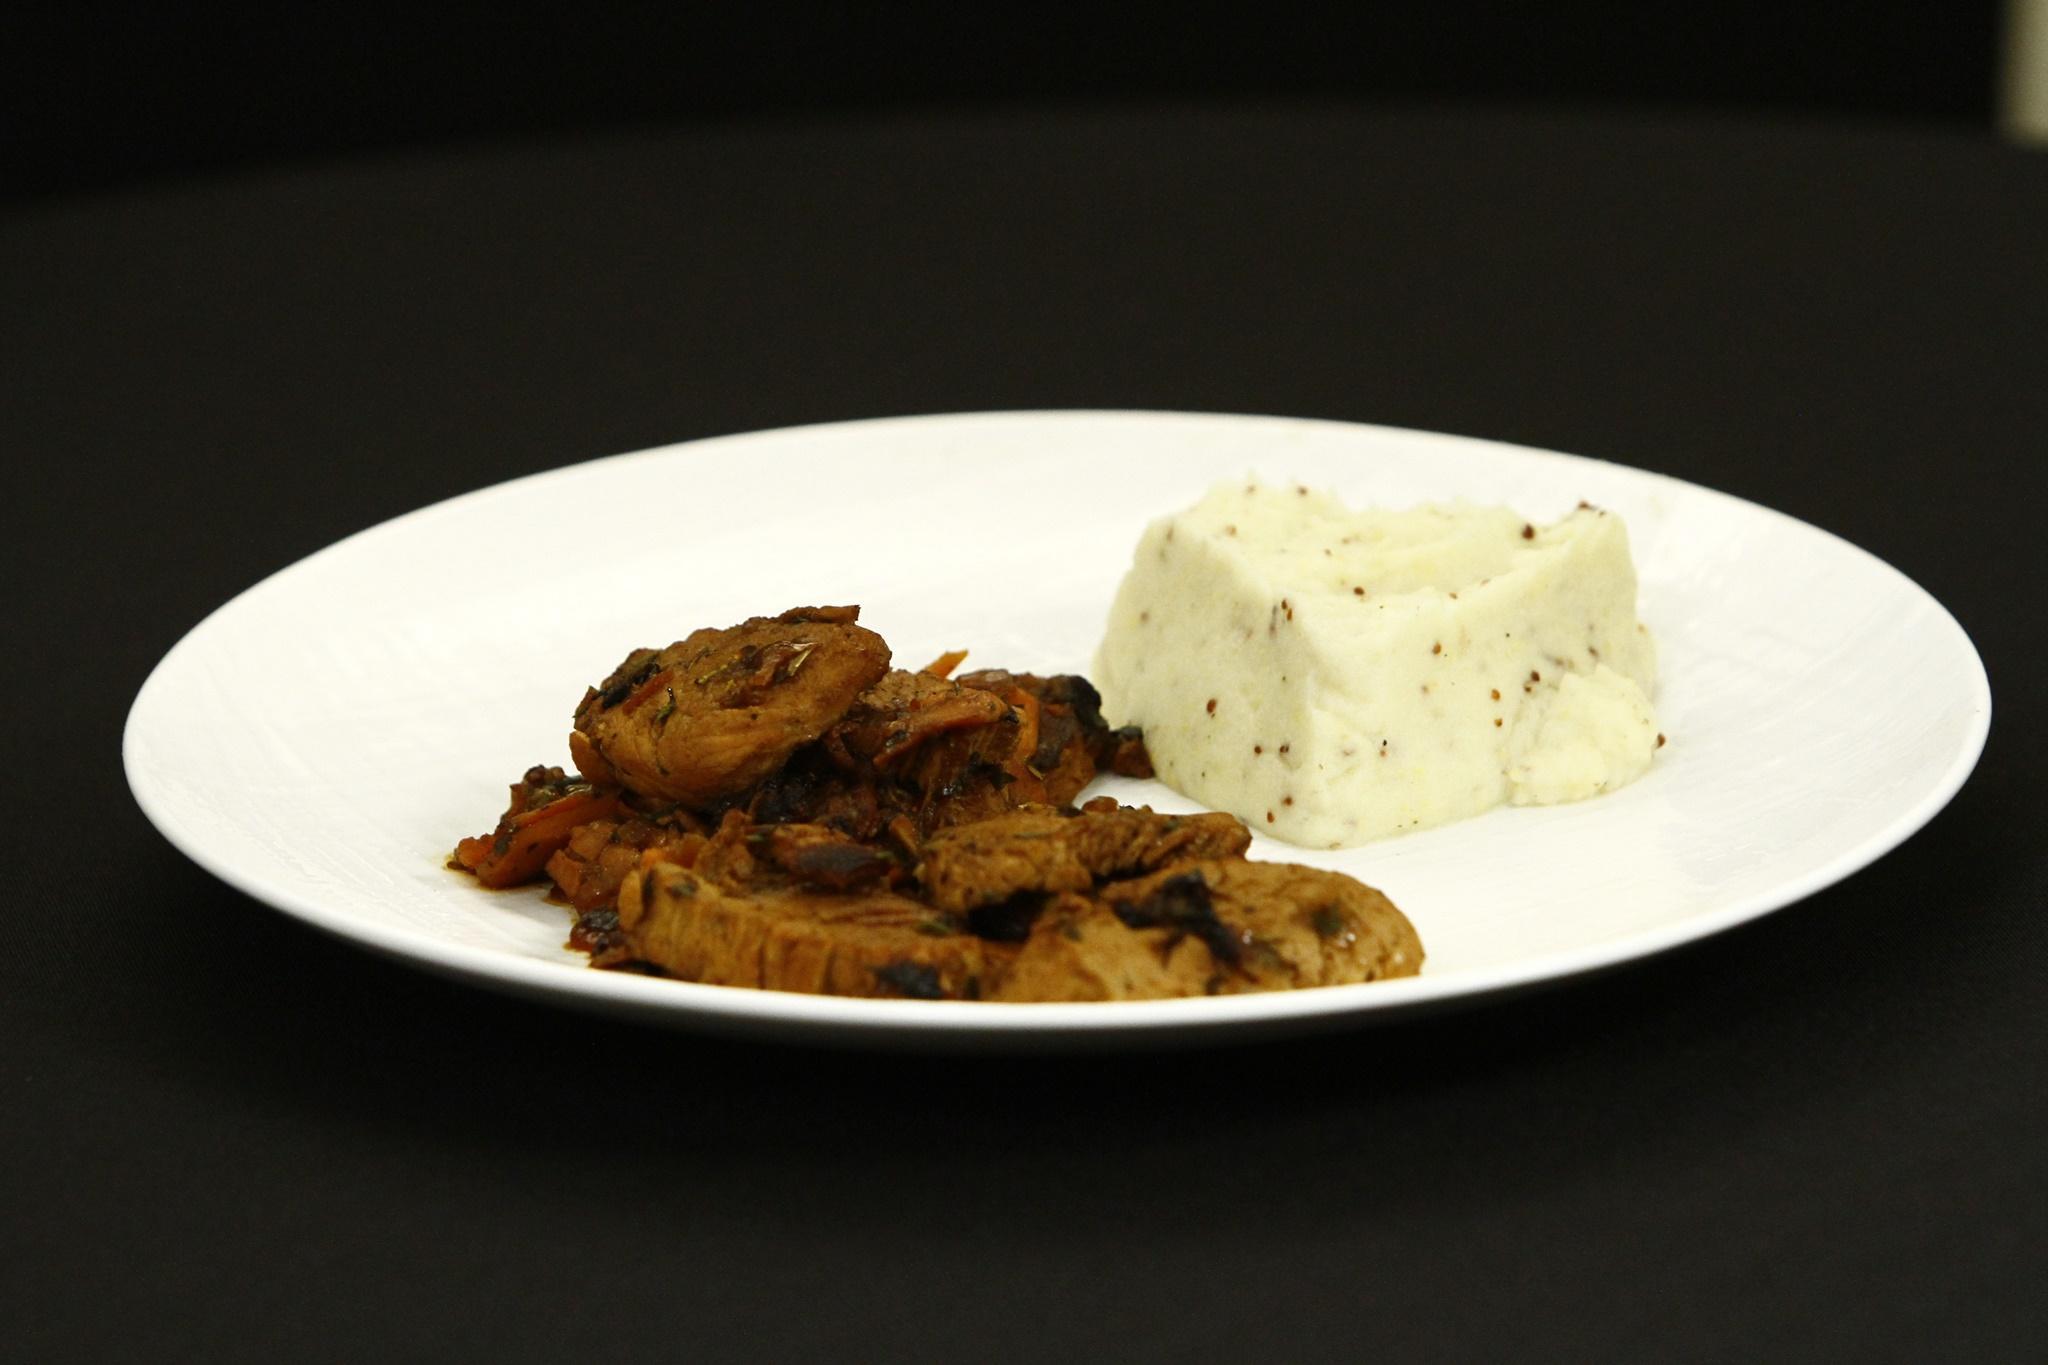 Muschiuleț de porc cu legume în oțet balsamic și piure de țelină